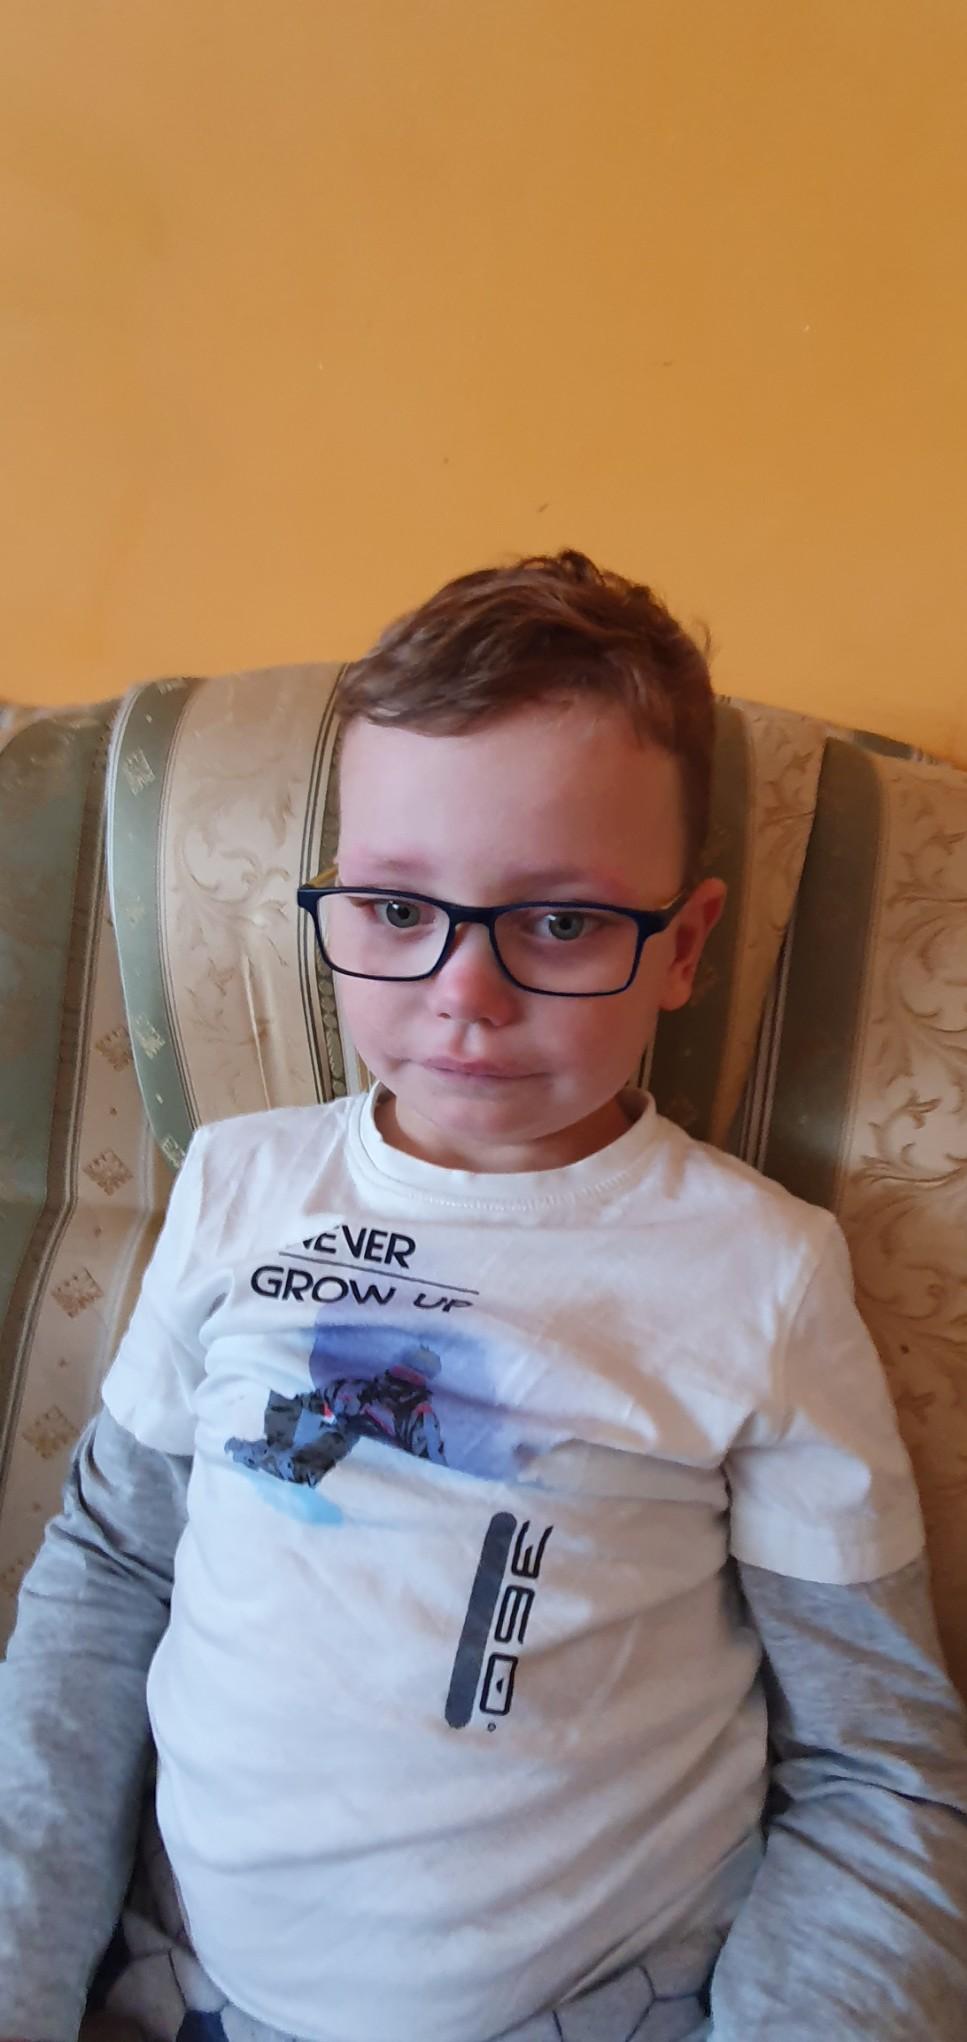 Moim marzeniem jest, aby mój syn pojechał na turnus rehabilitacyjny